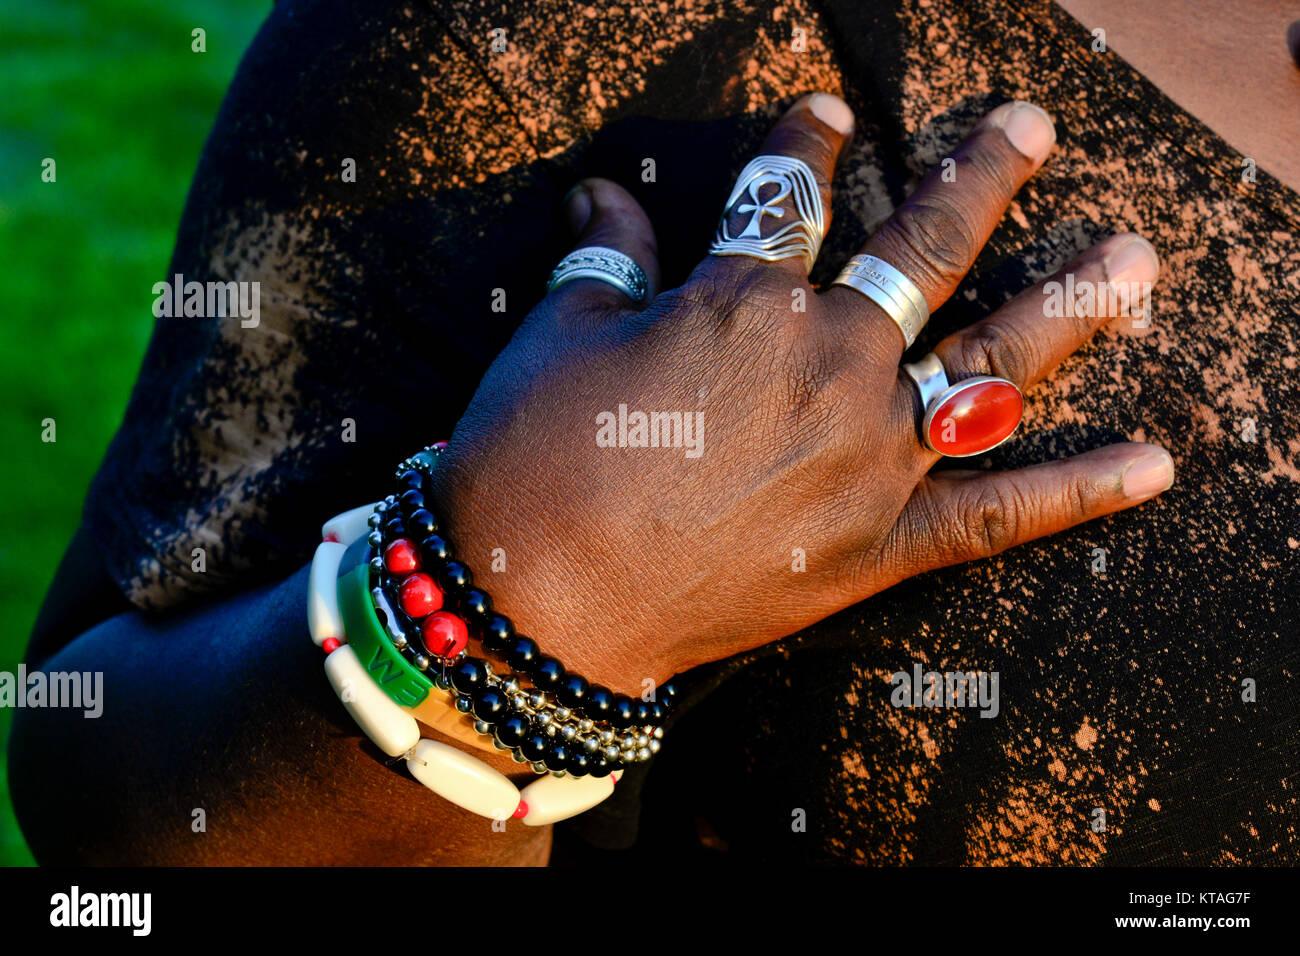 Afroamericana usando una variedad de coloridas joyas Imagen De Stock